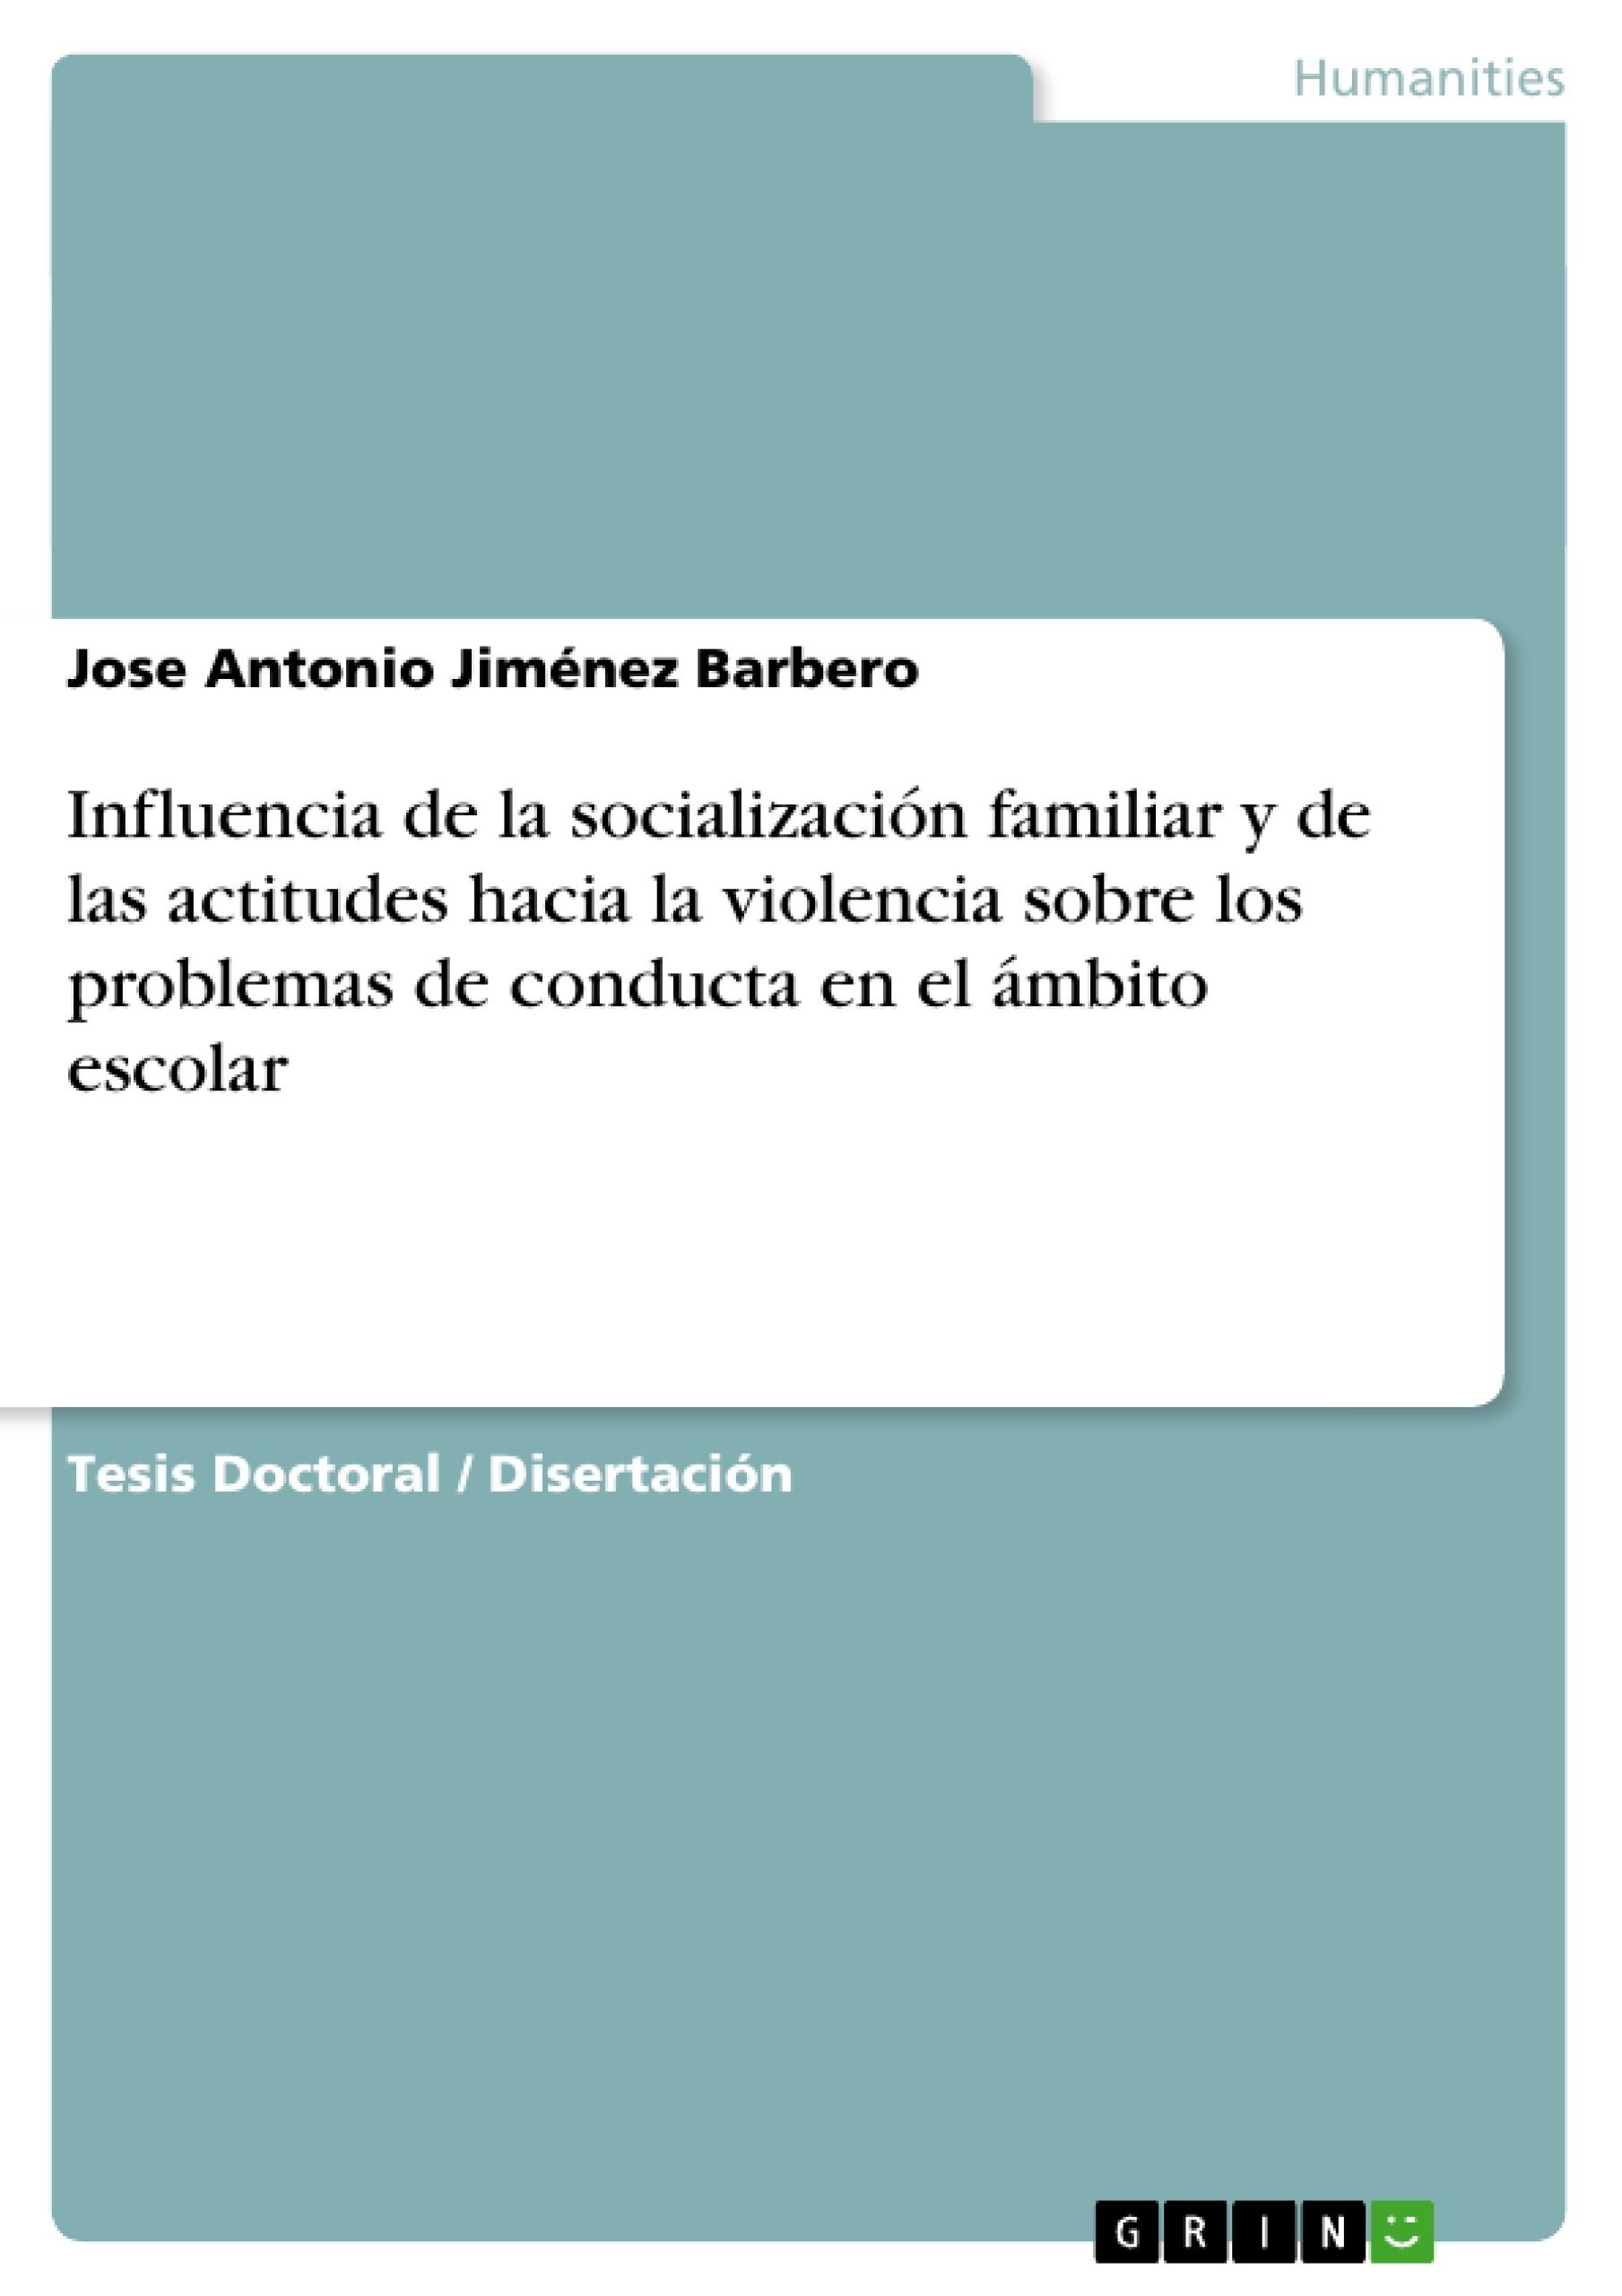 Título: Influencia de la socialización familiar y de las actitudes hacia la violencia sobre los problemas de conducta en el ámbito escolar